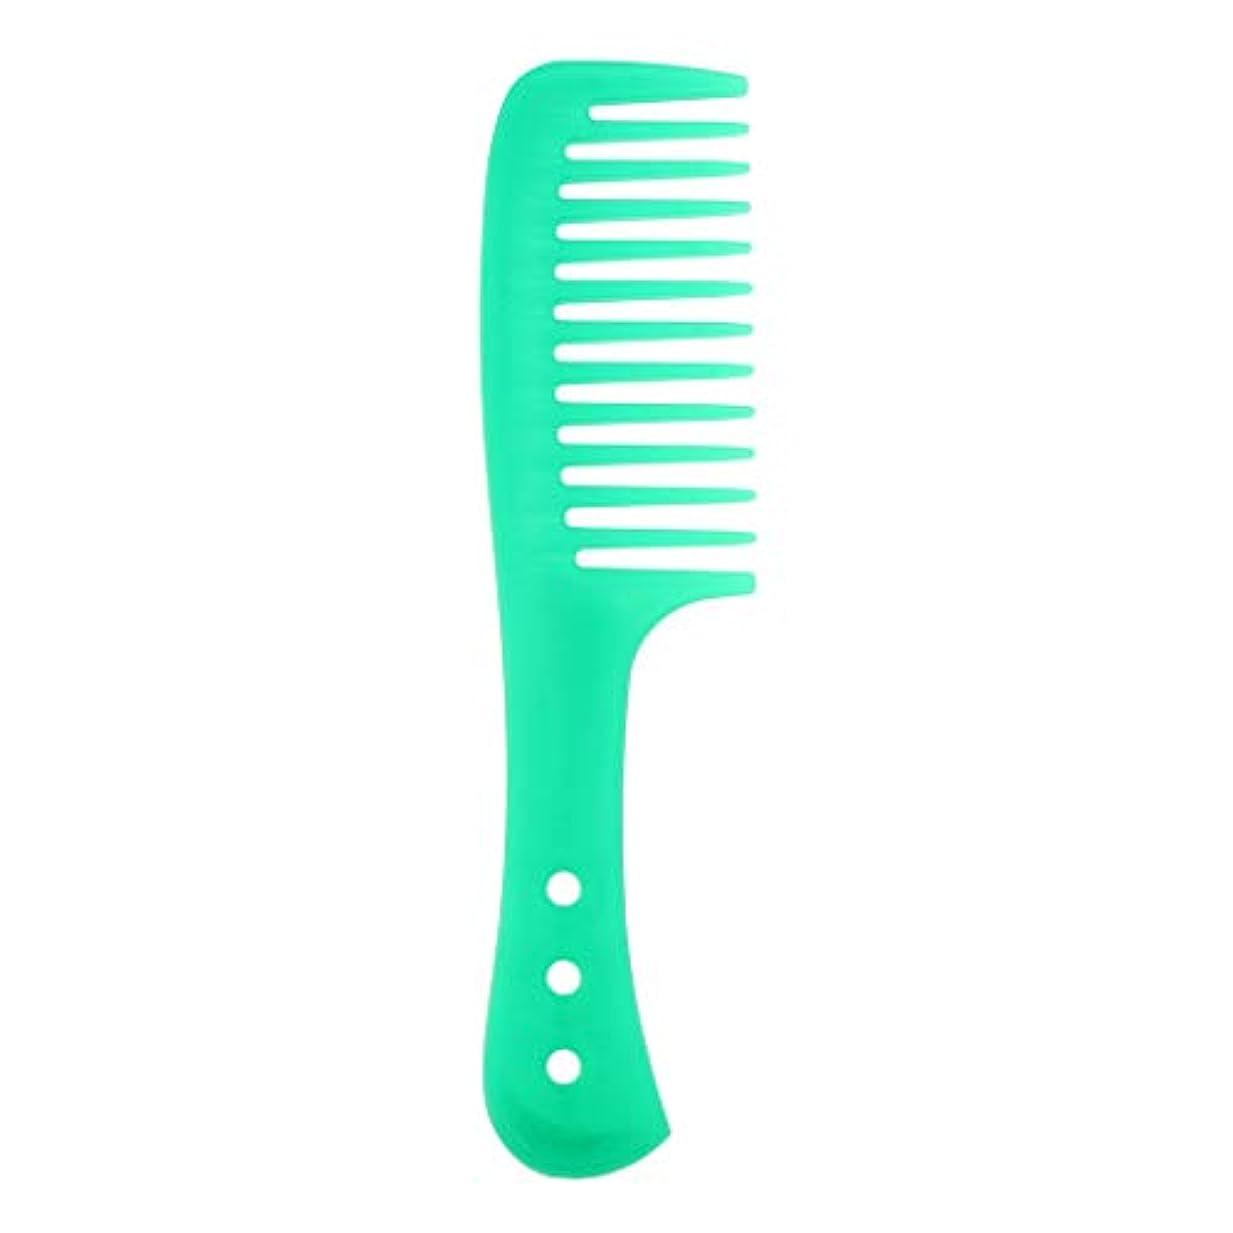 ロードされた溶融農業のポータブル理髪広い歯の櫛巻き毛のDetangler頭皮マッサージブラシ - 緑